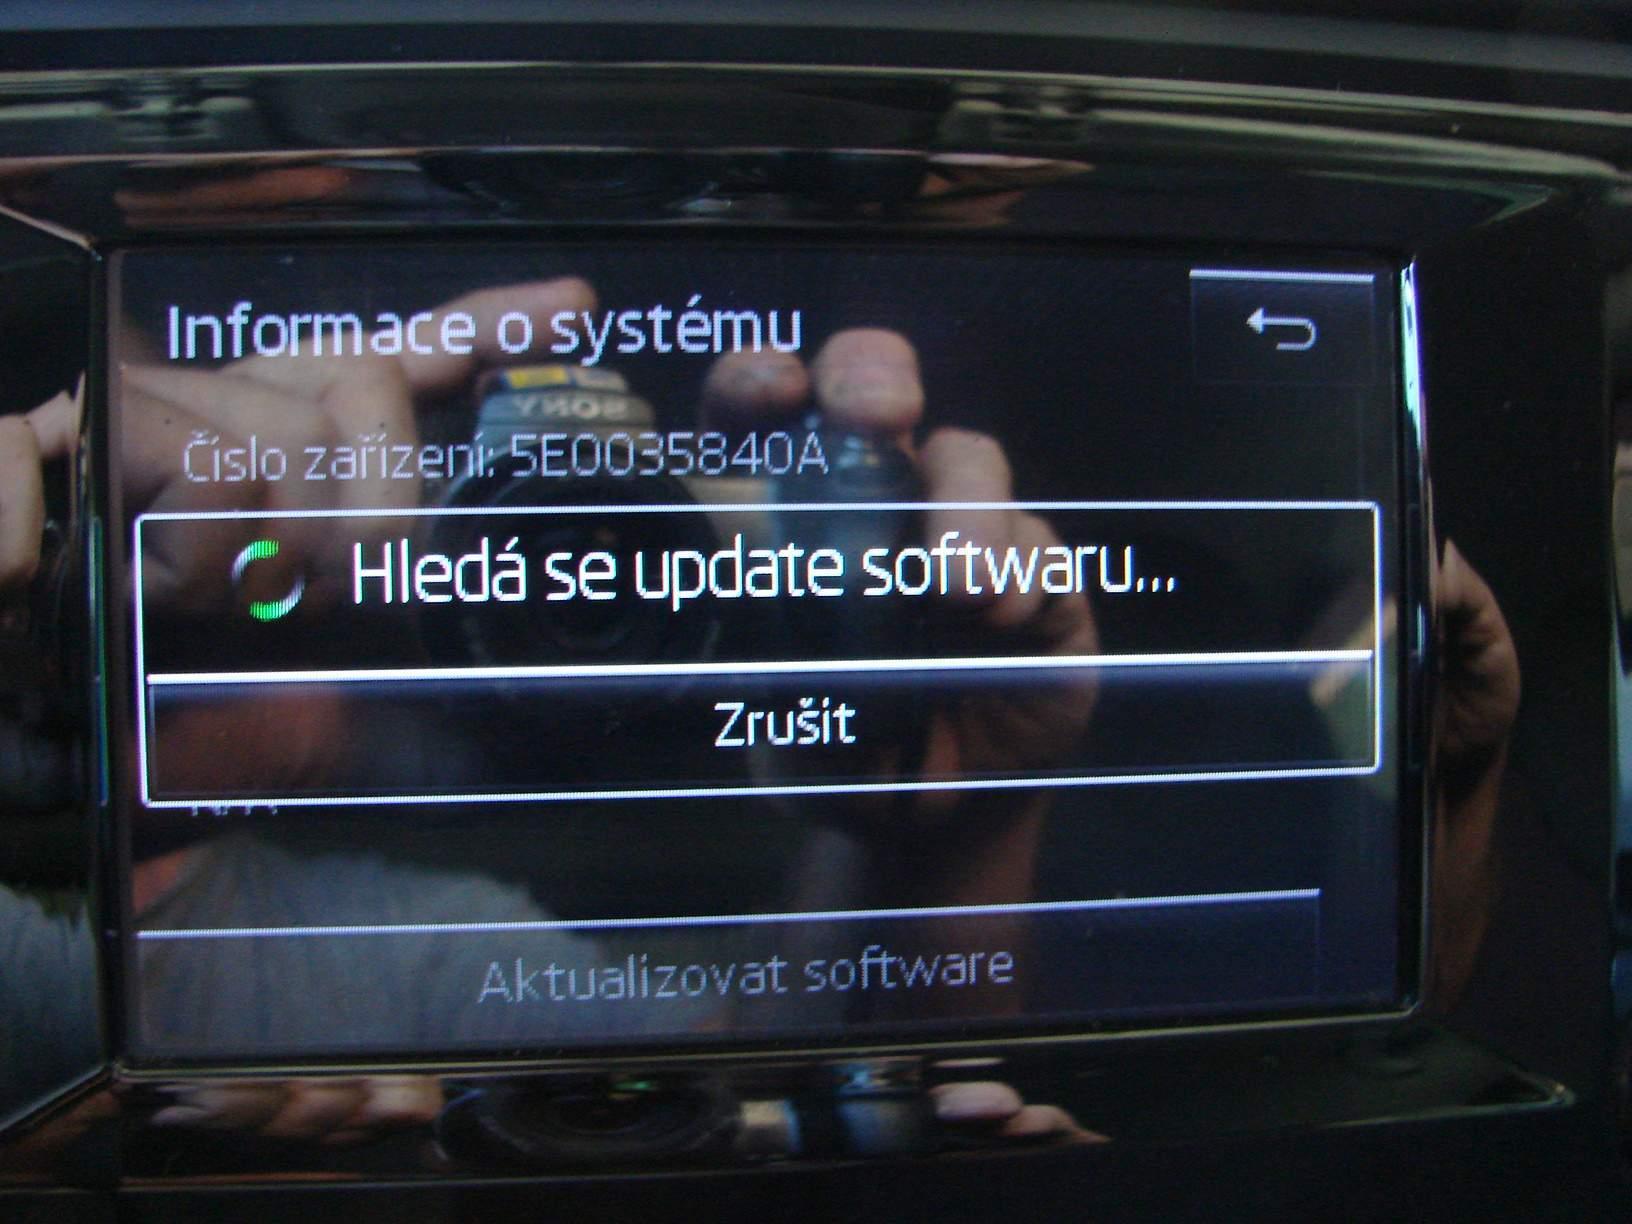 Firmware update bolero | SKODA INFOTAINMENT RADIO BOLERO OWNER'S